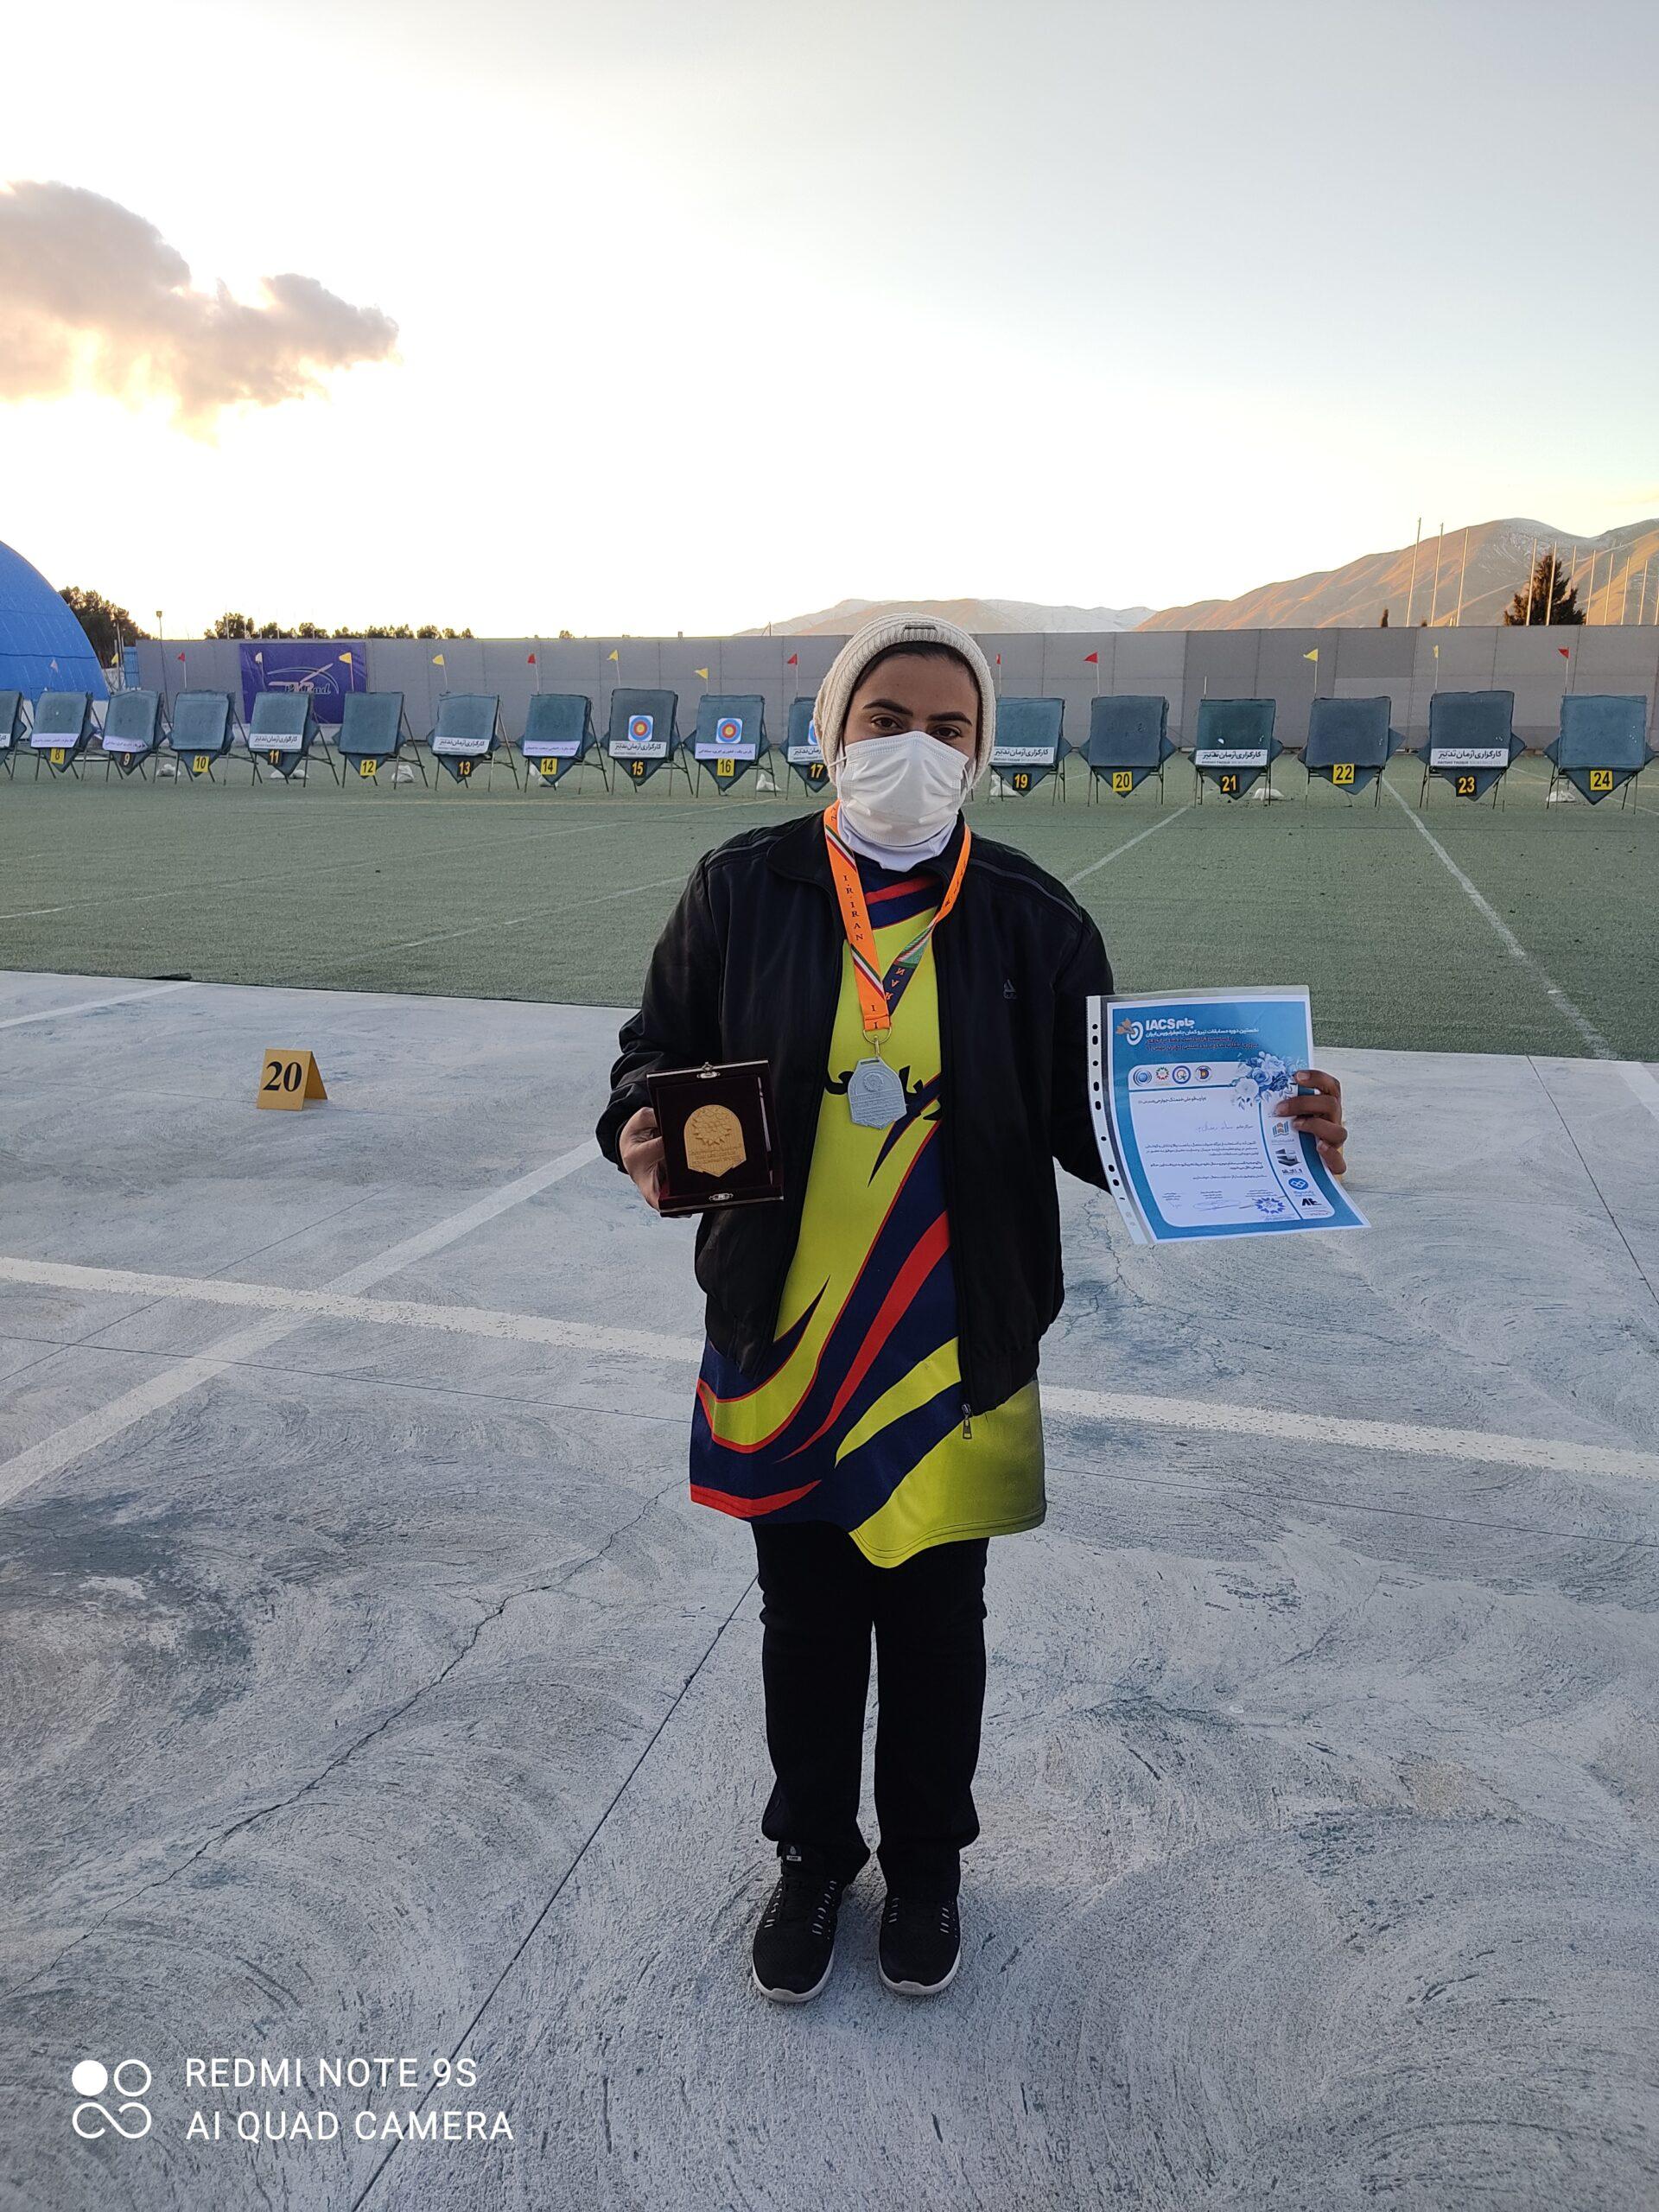 سمانه رمضانپور ورزشکار مجتمع معادن سنگ آهن فلات مرکزی نایب قهرمان مسابقات تیراندازی با کمان کارگری کشور شد